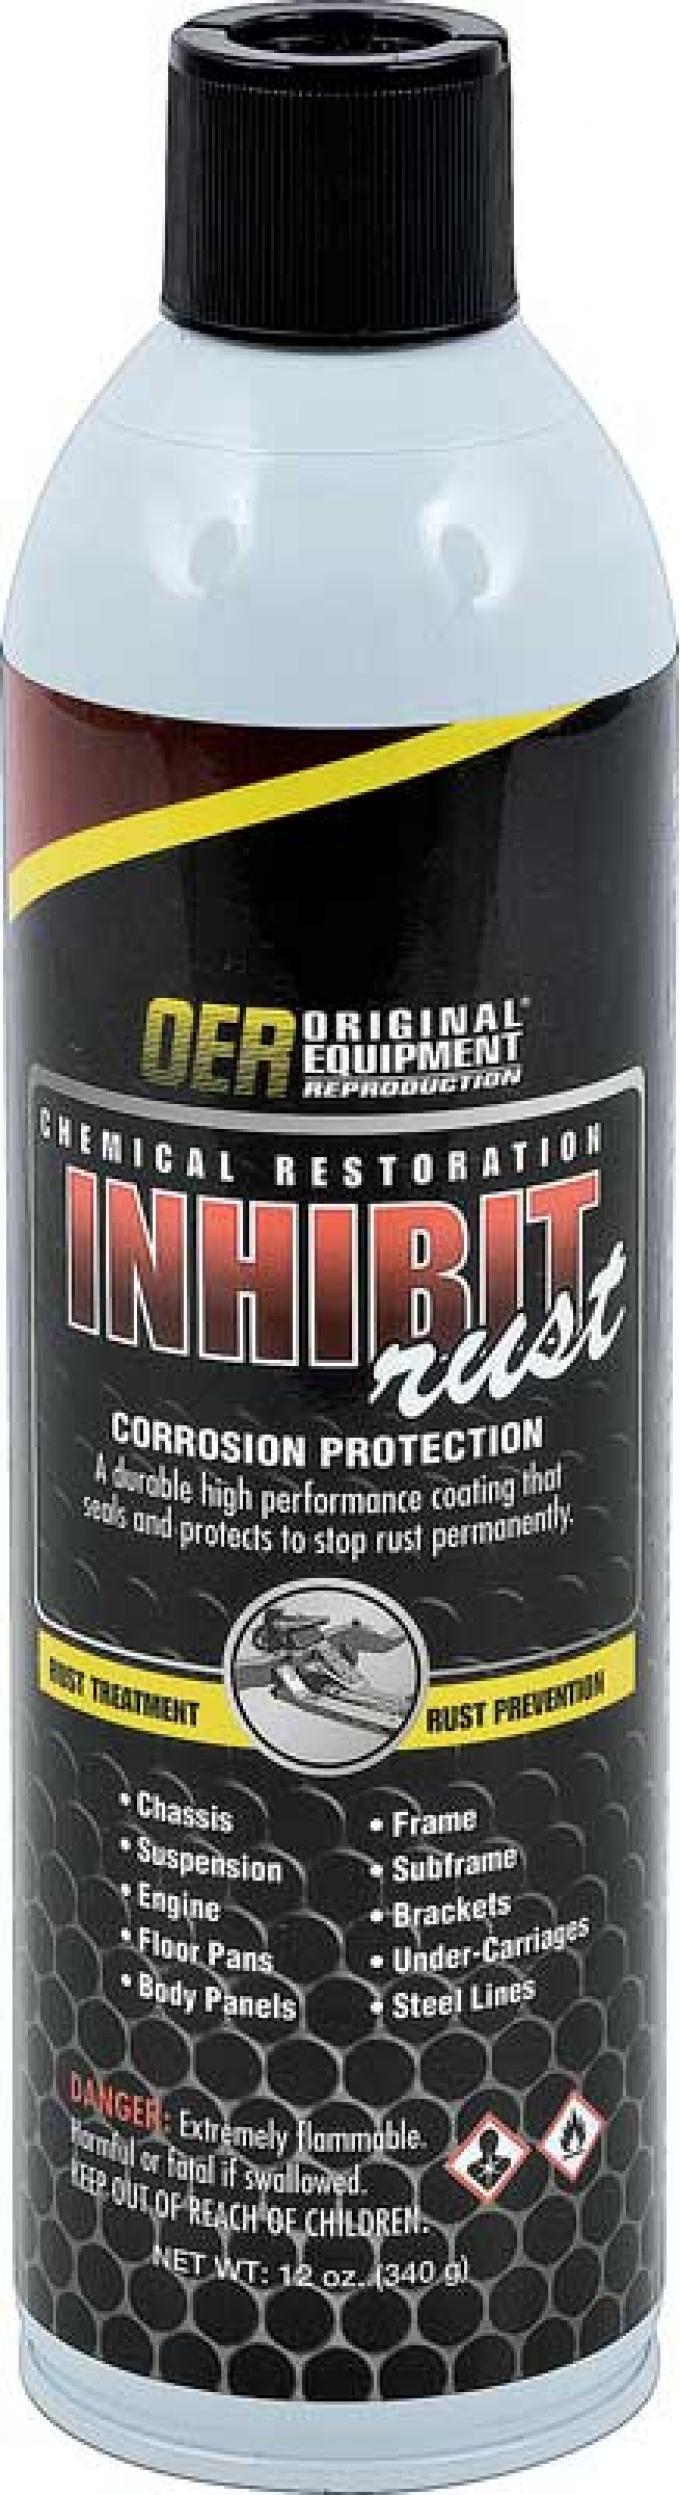 OER Rust Inhibitor - 12 Oz Aerosol Can K86113